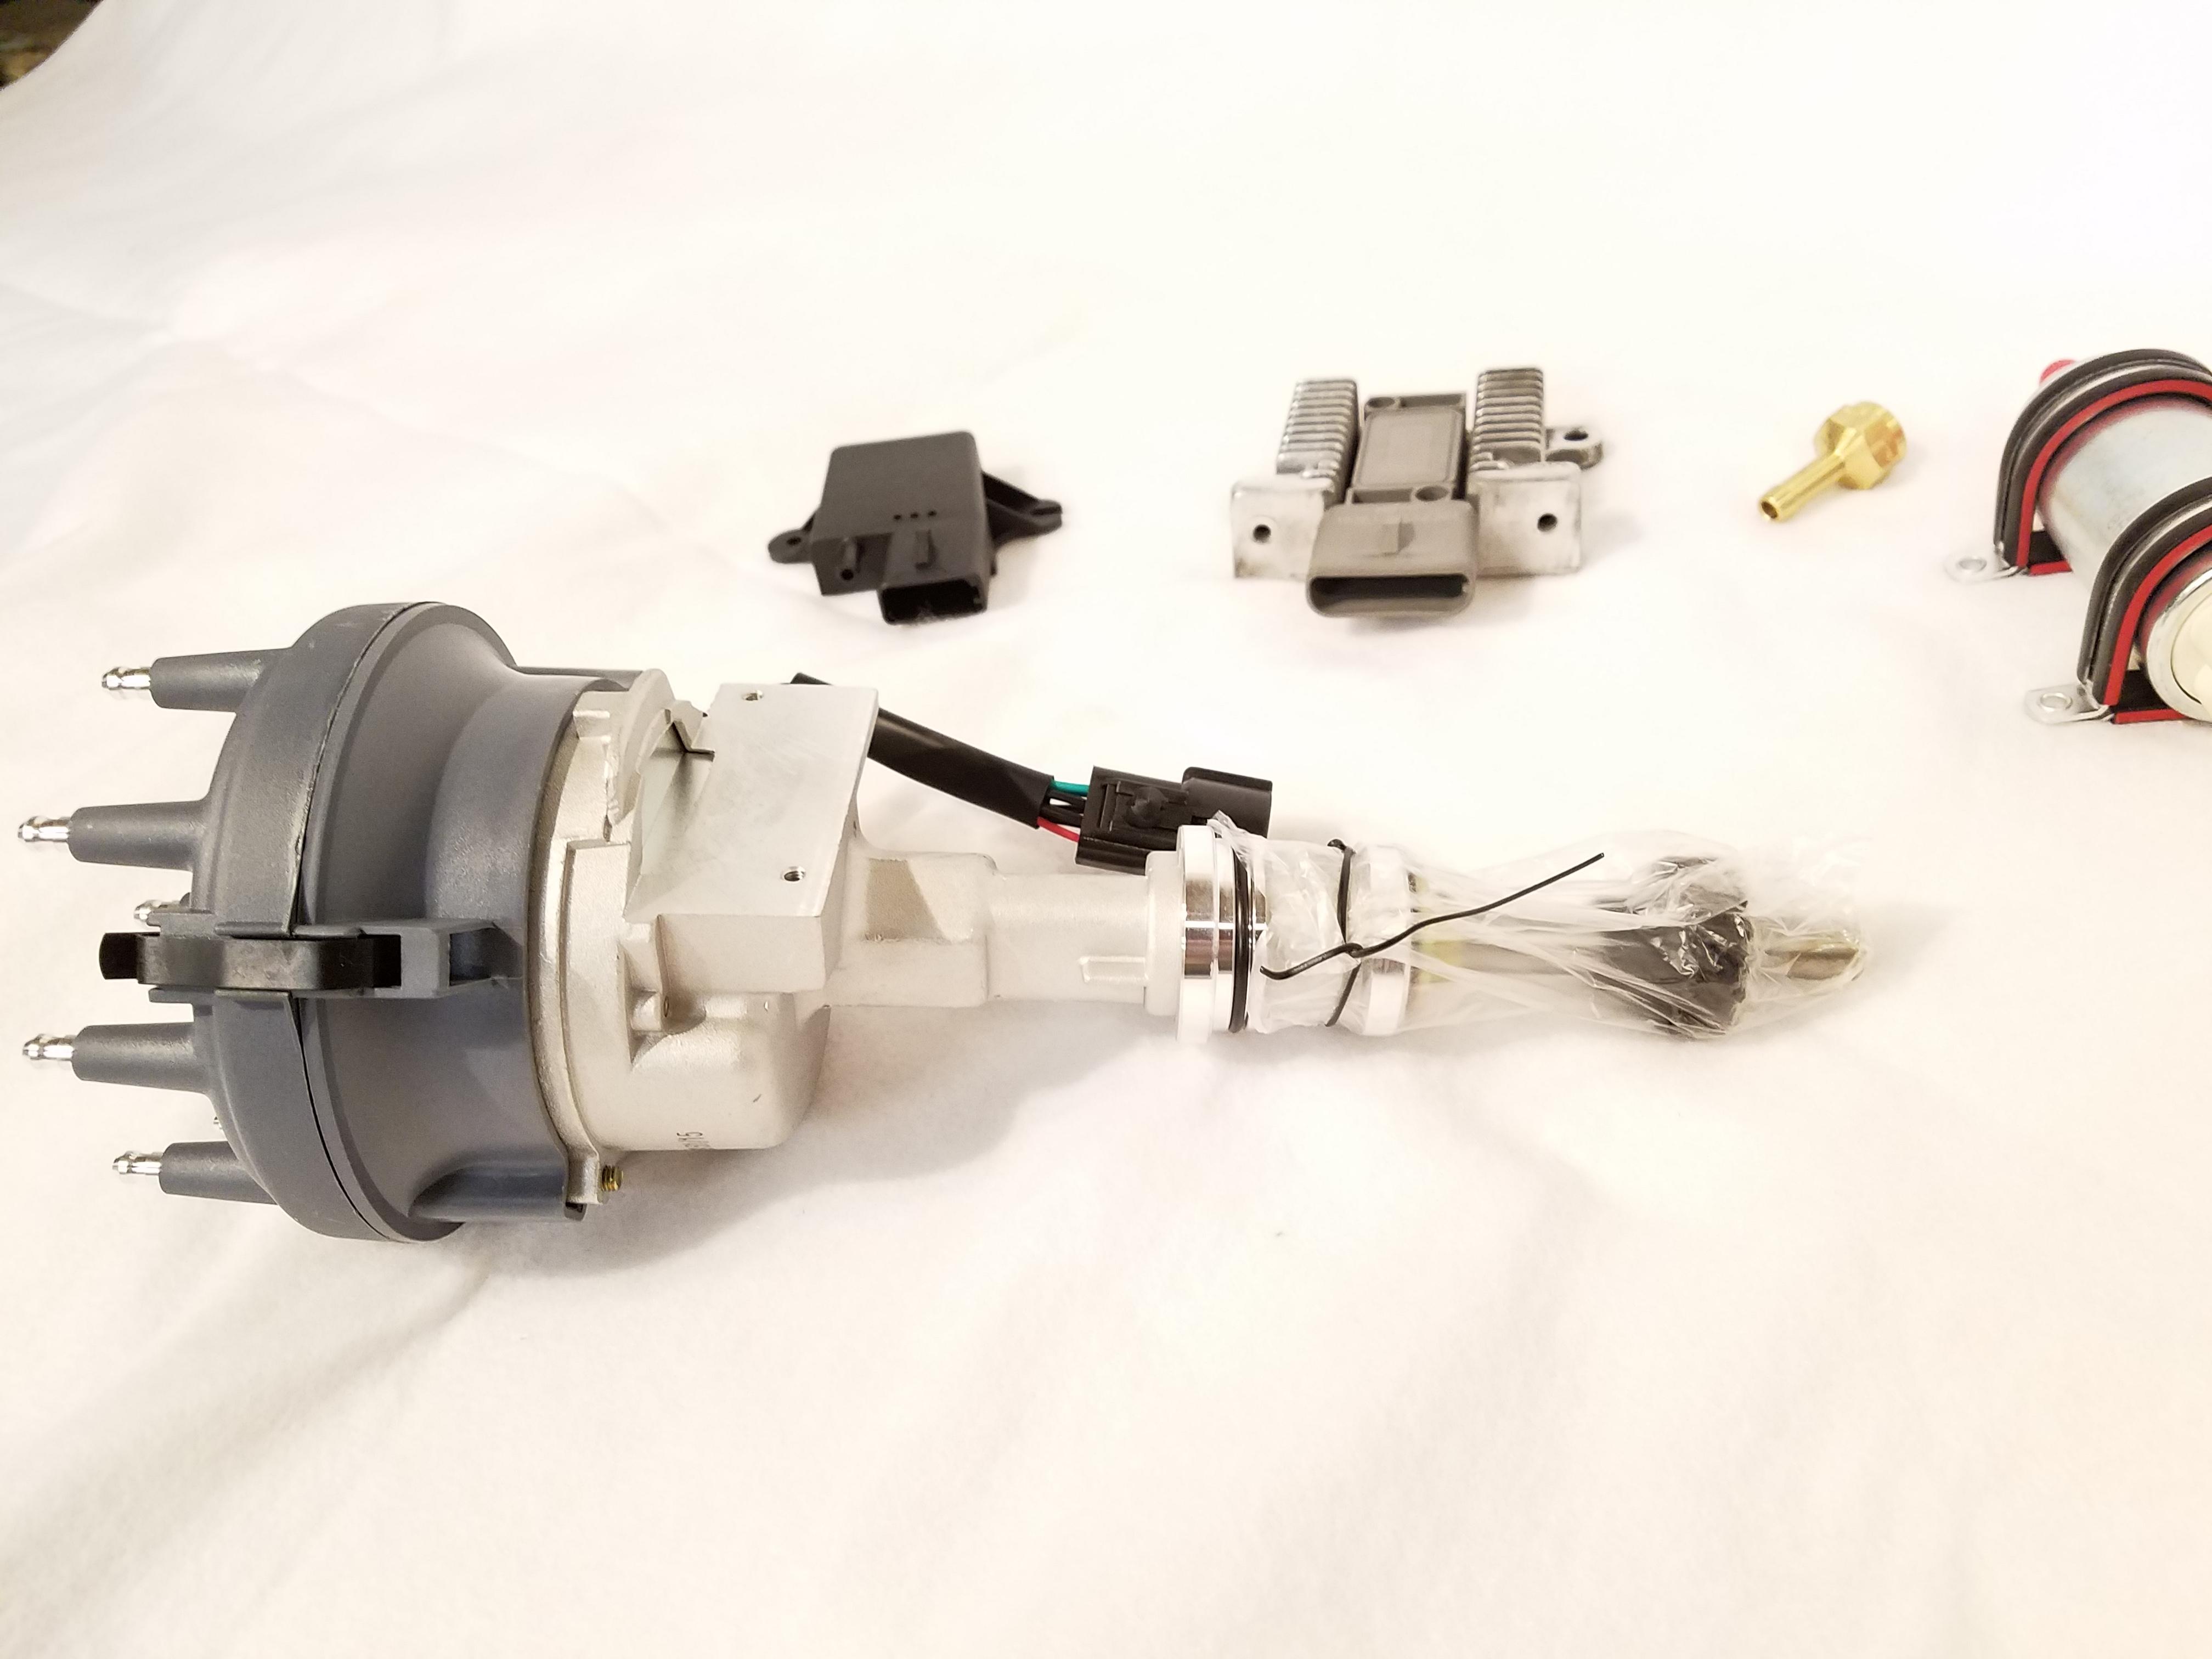 351W : Low Profile EFI Kit